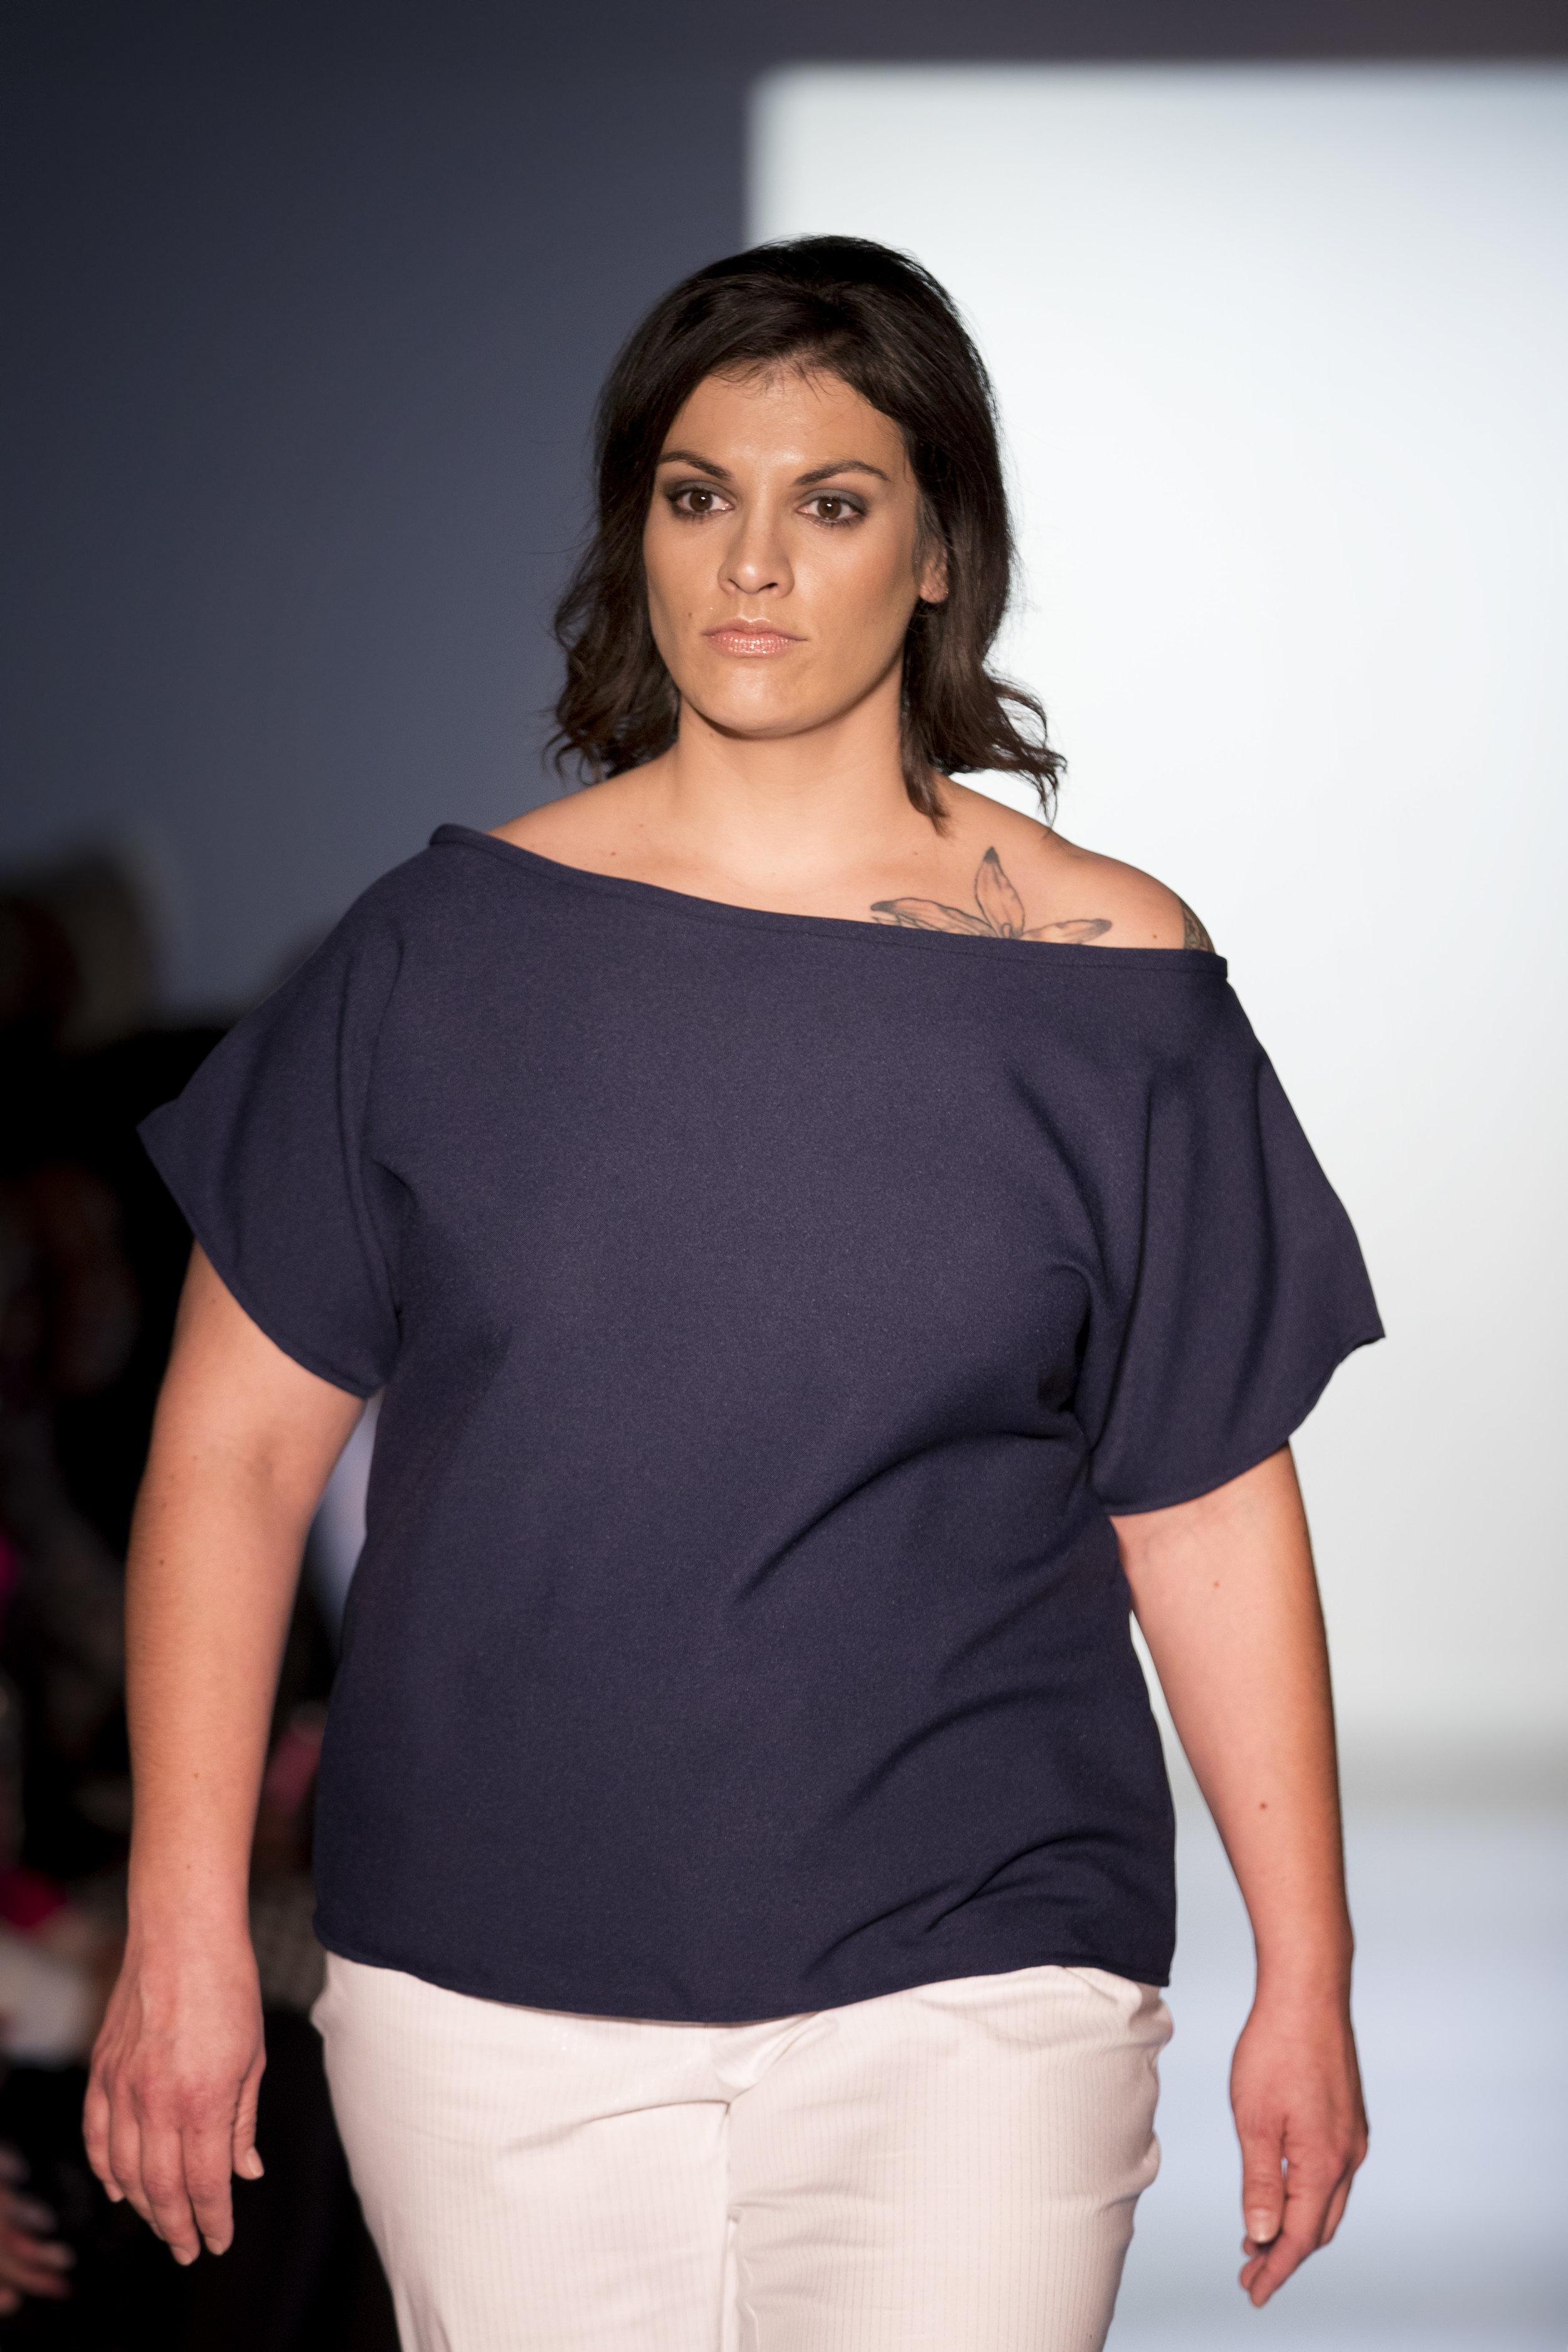 Massif Fashion Week 2017 Day 3 Stephanie Carlson - 005.jpg